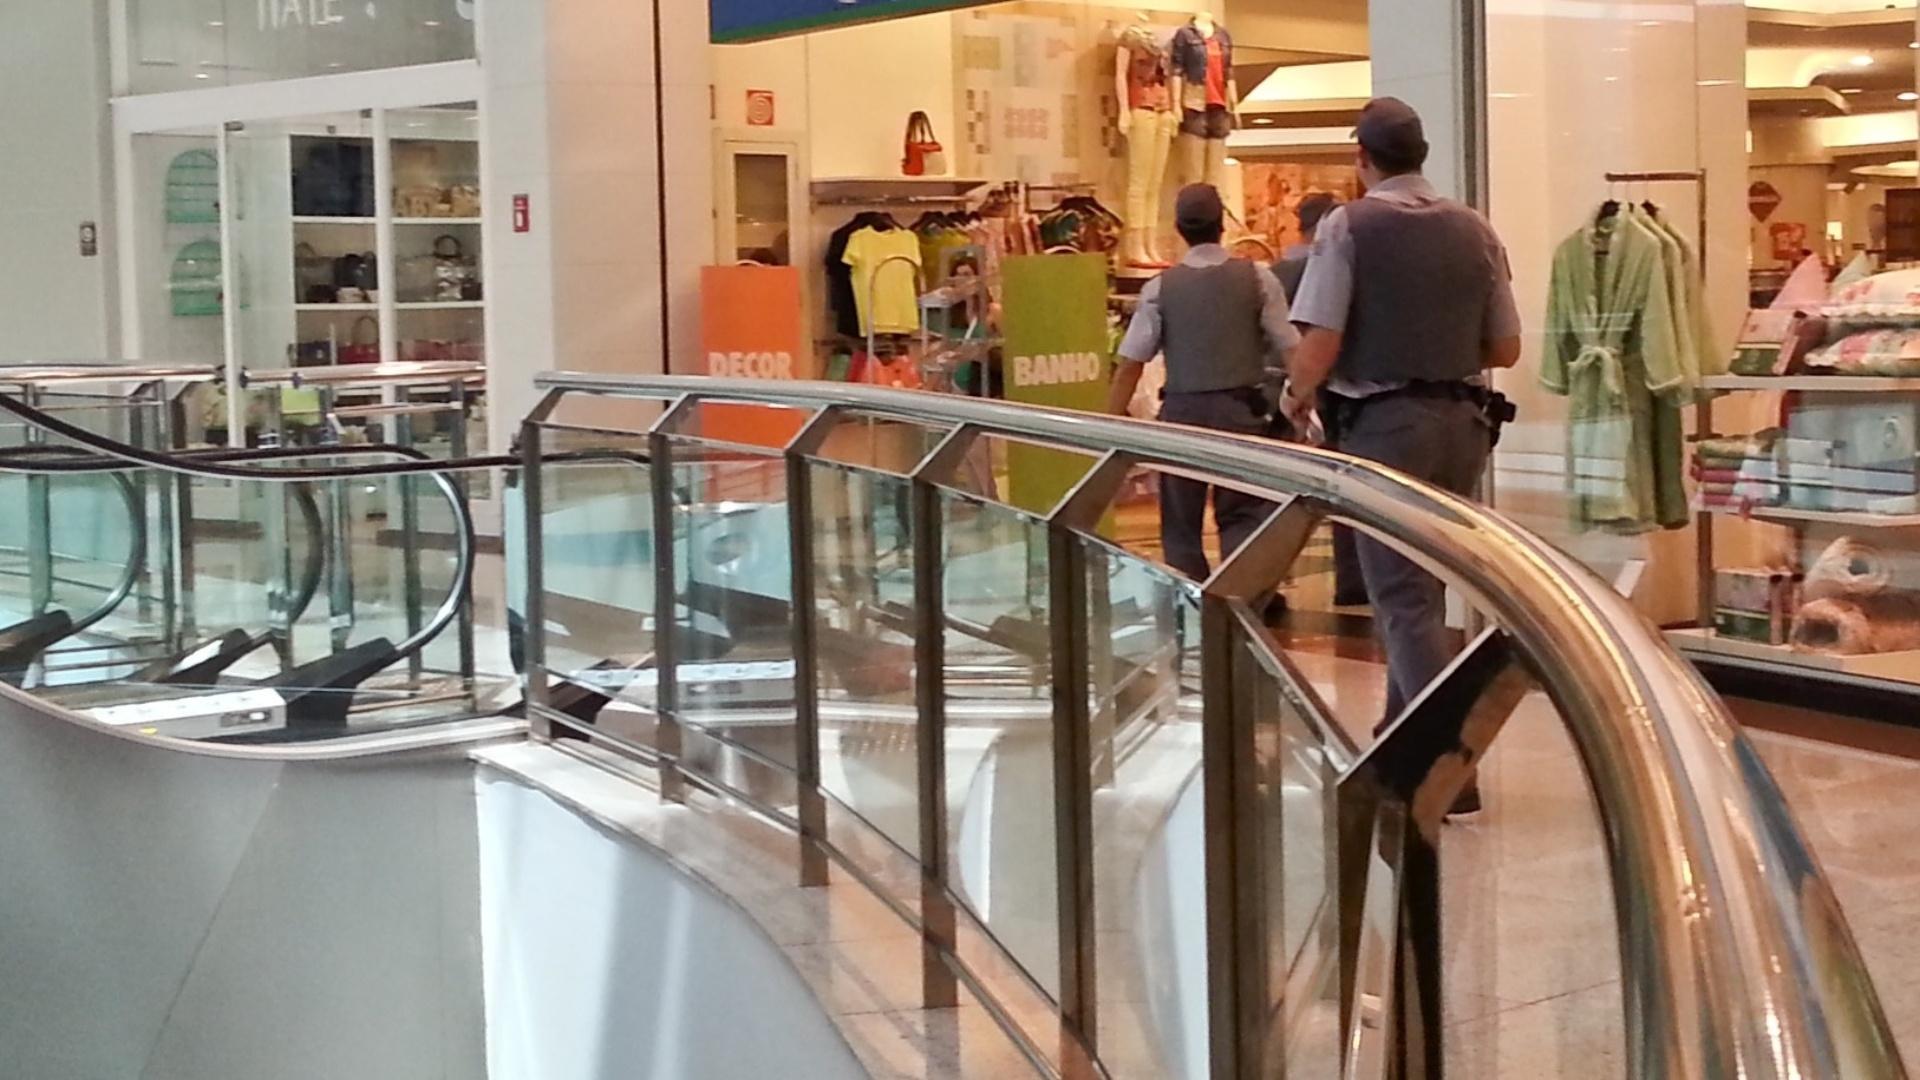 18.jan.2014 - Policiais militares caminham dentro do shopping Santa Úrsula, em Ribeirão Preto, no interior de São Paulo, neste sábado (18). Empreendimento reforçou a segurança depois que jovens marcaram um